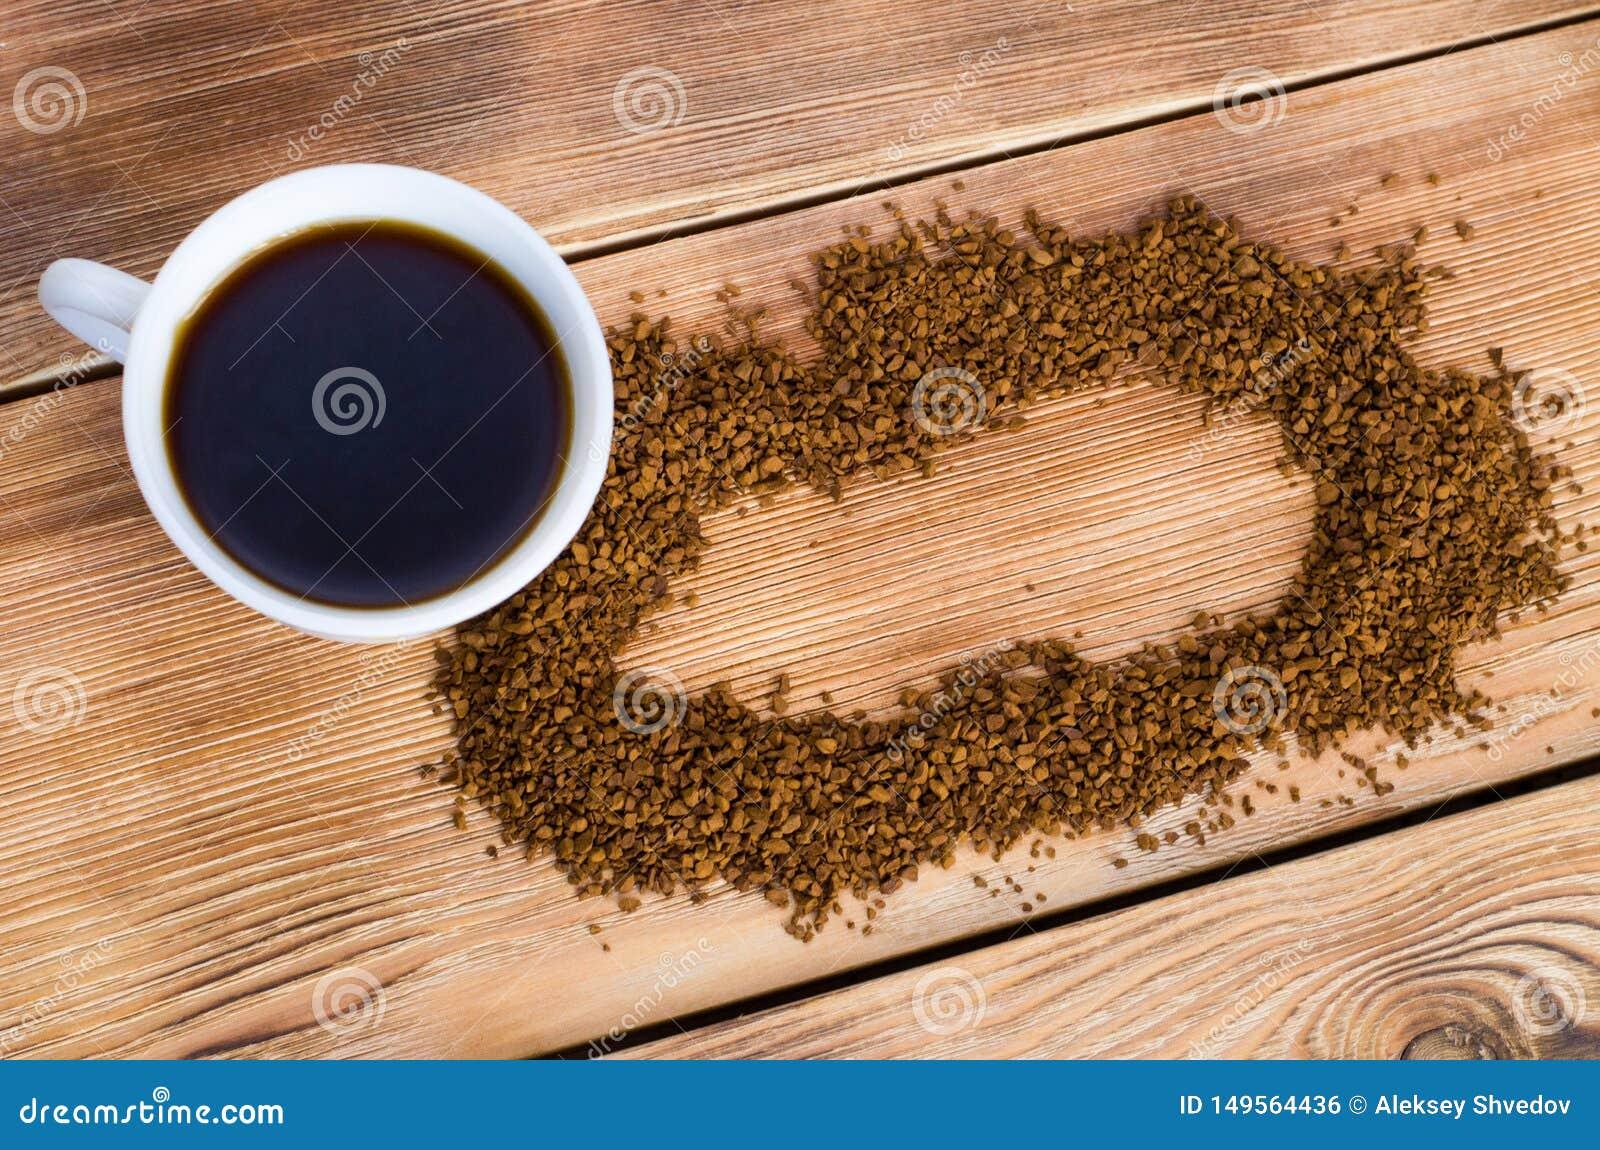 Il caff? sta accanto ad una tazza bianca riempita di caff? caldo fra i chicchi di caff? sparsi, tavola, vista superiore, orizzont